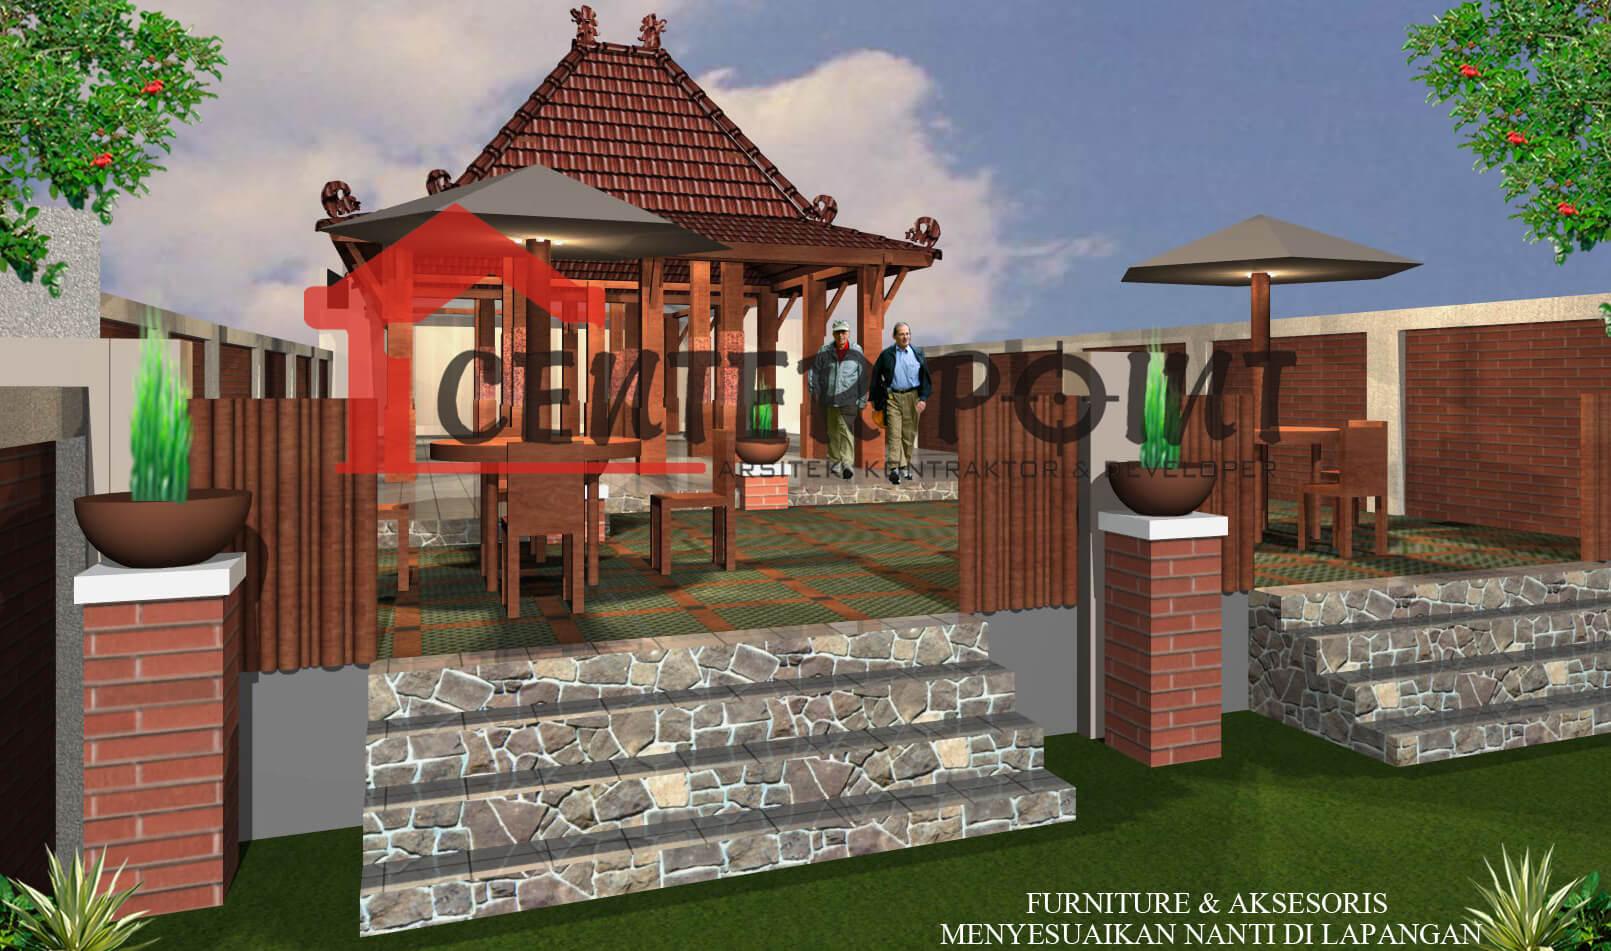 Jasa Arsitek Madiun Professional Murah Gambar Rumah Etnik Sendang Biru